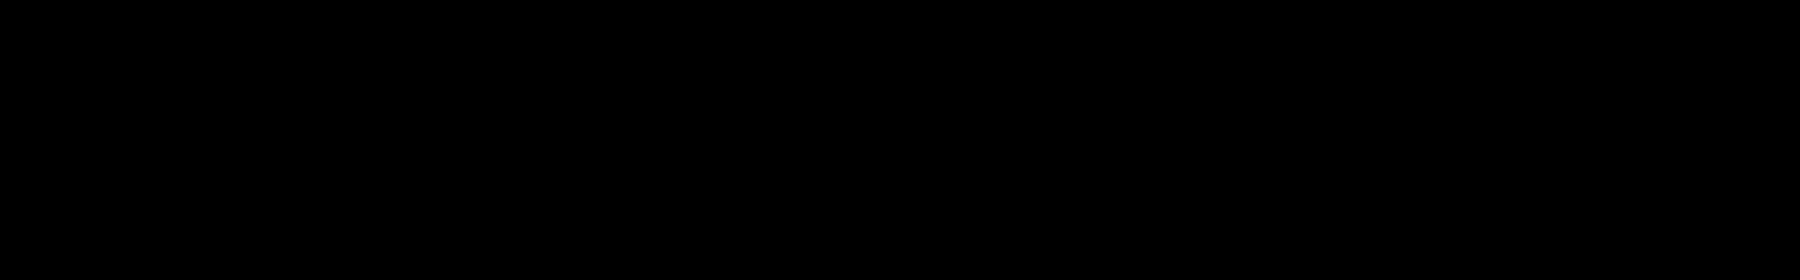 AFRO & SOUL audio waveform